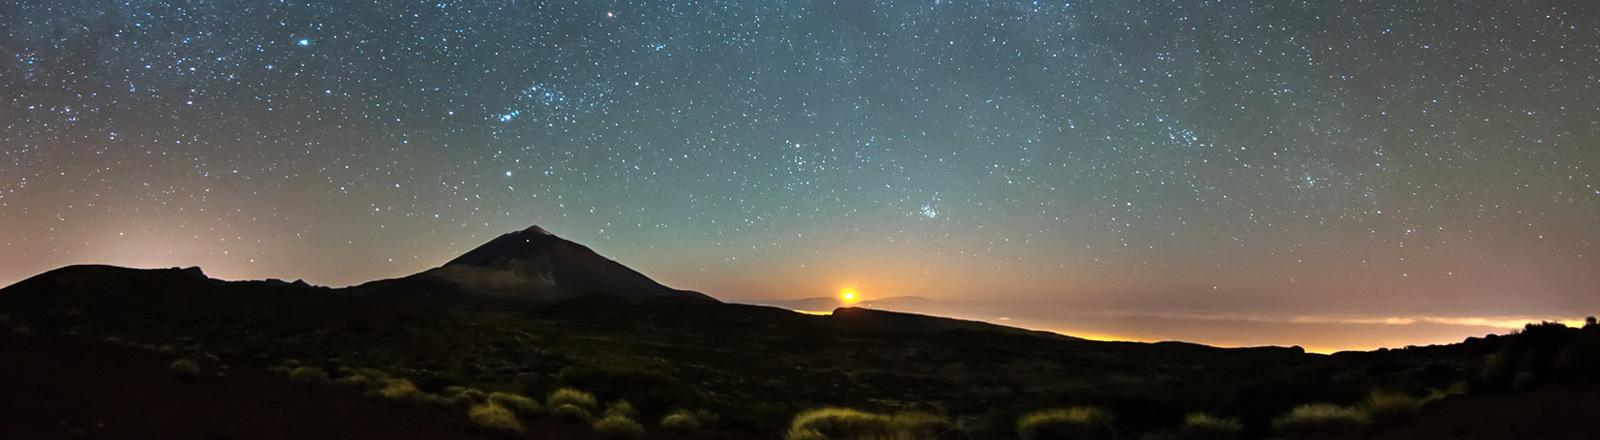 Aufgehende Sonne und Sterne am Himmel - Nationalpark Teide Teneriffa.